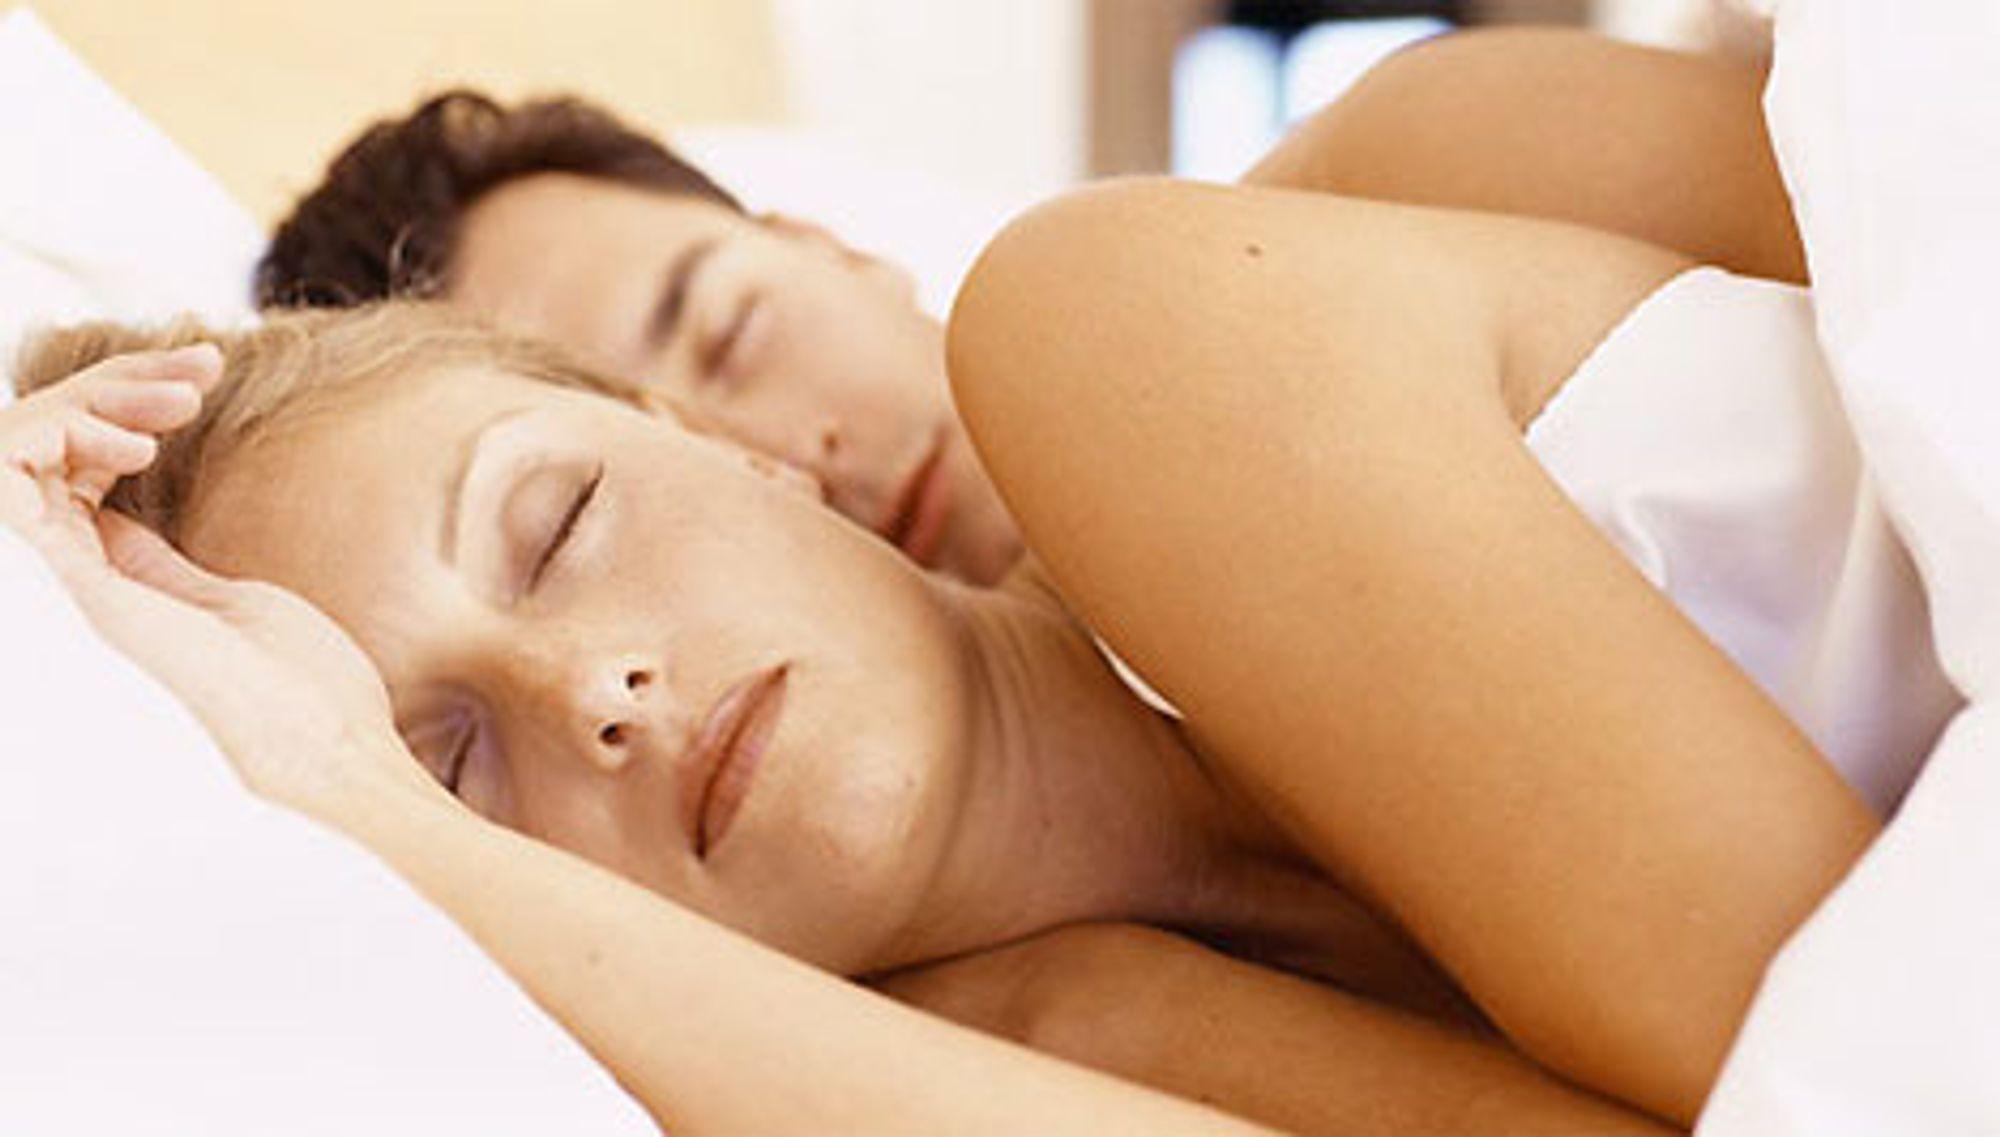 damer sex massasje oslo sex